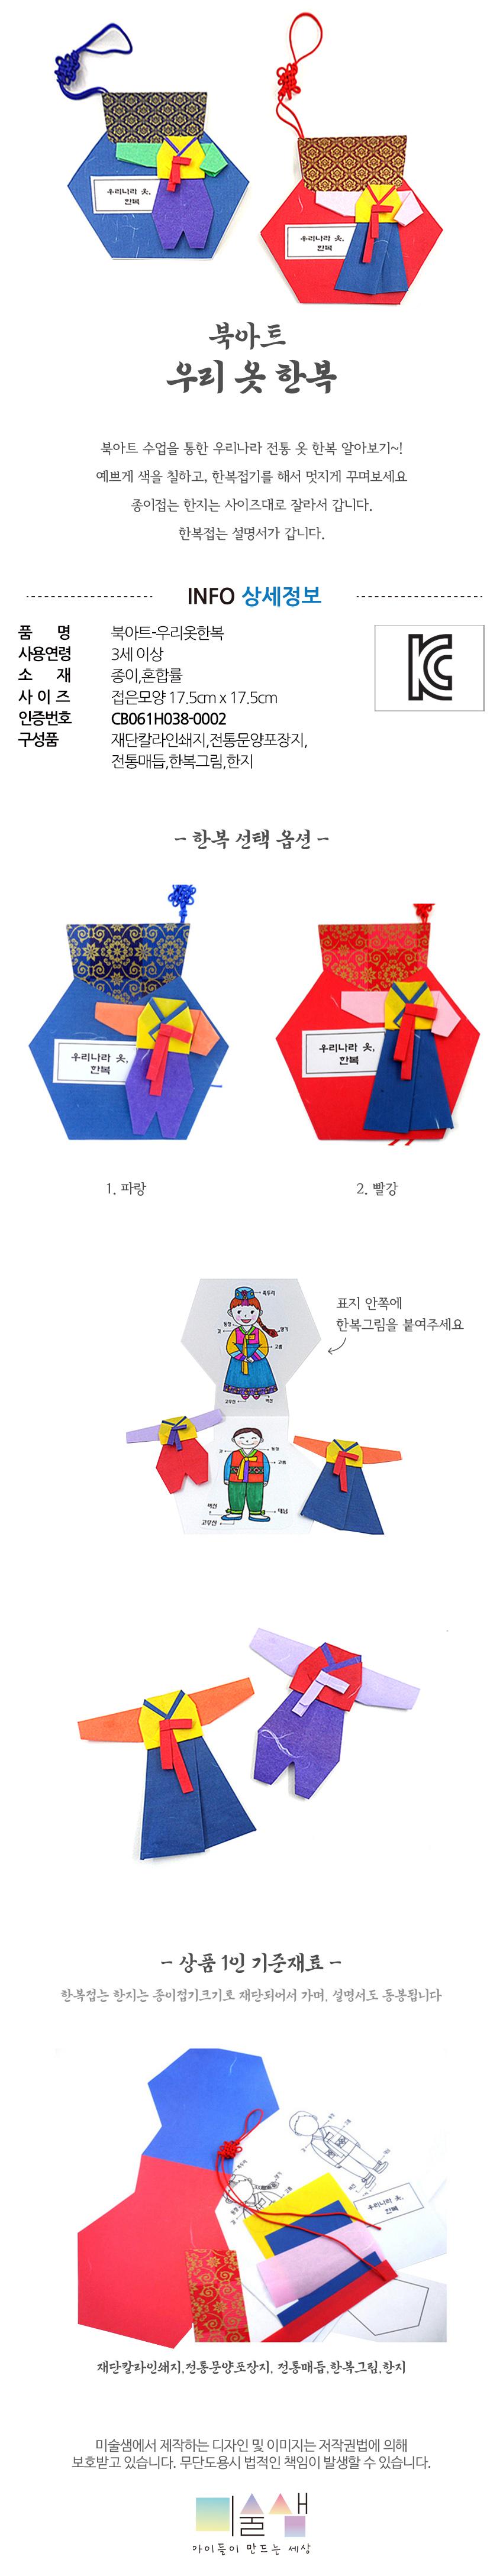 북아트 우리옷한복 (5인용) / 우리나라 전통의상 - 청양토이, 8,400원, 전통/염색공예, 기타소품 패키지